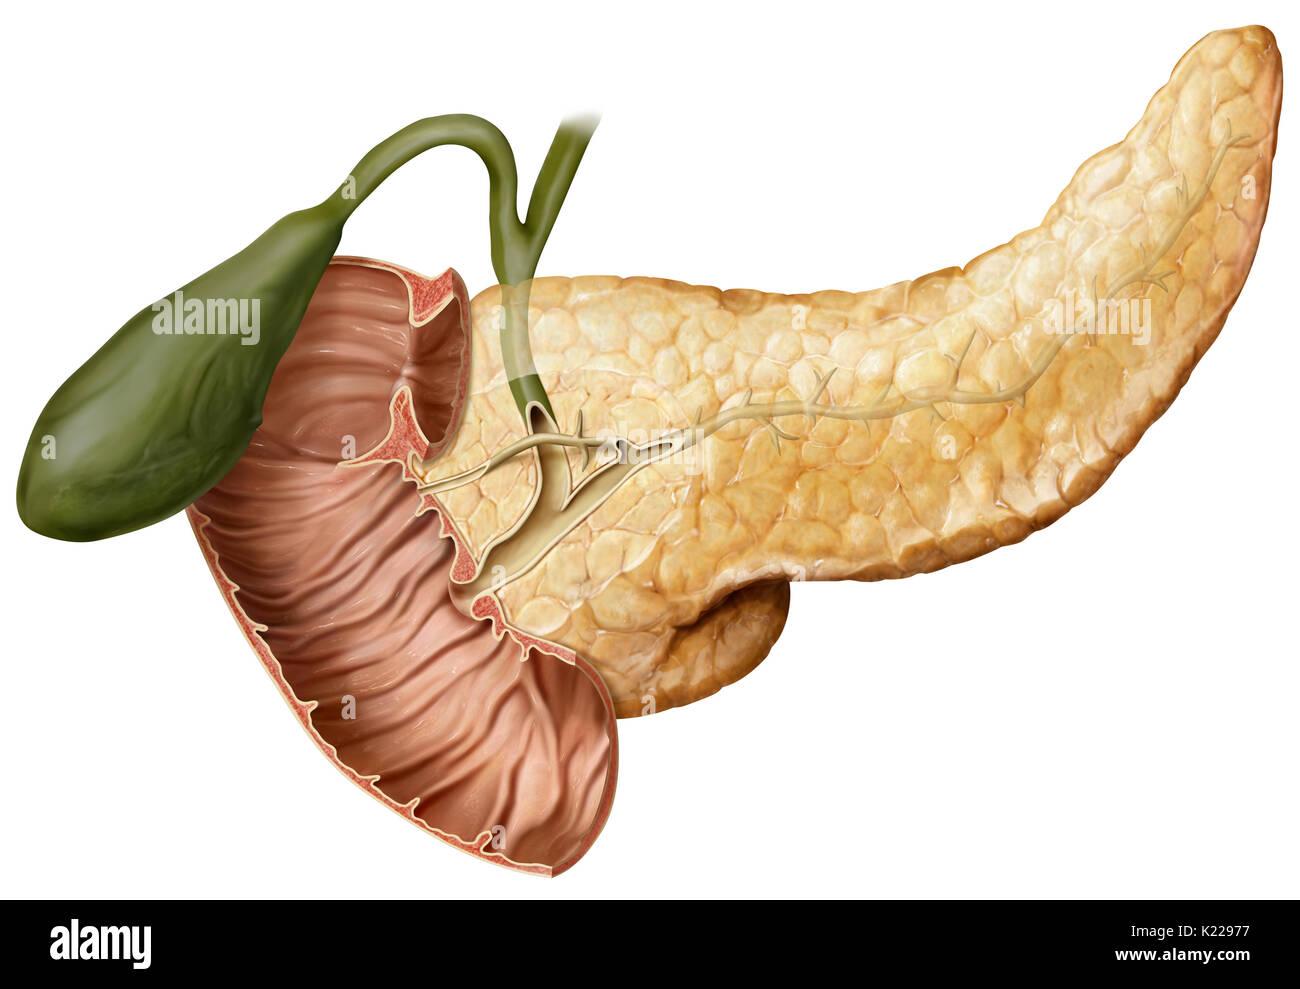 Behinderung der Pankreasgang verhindert das Herausschleudern von ...